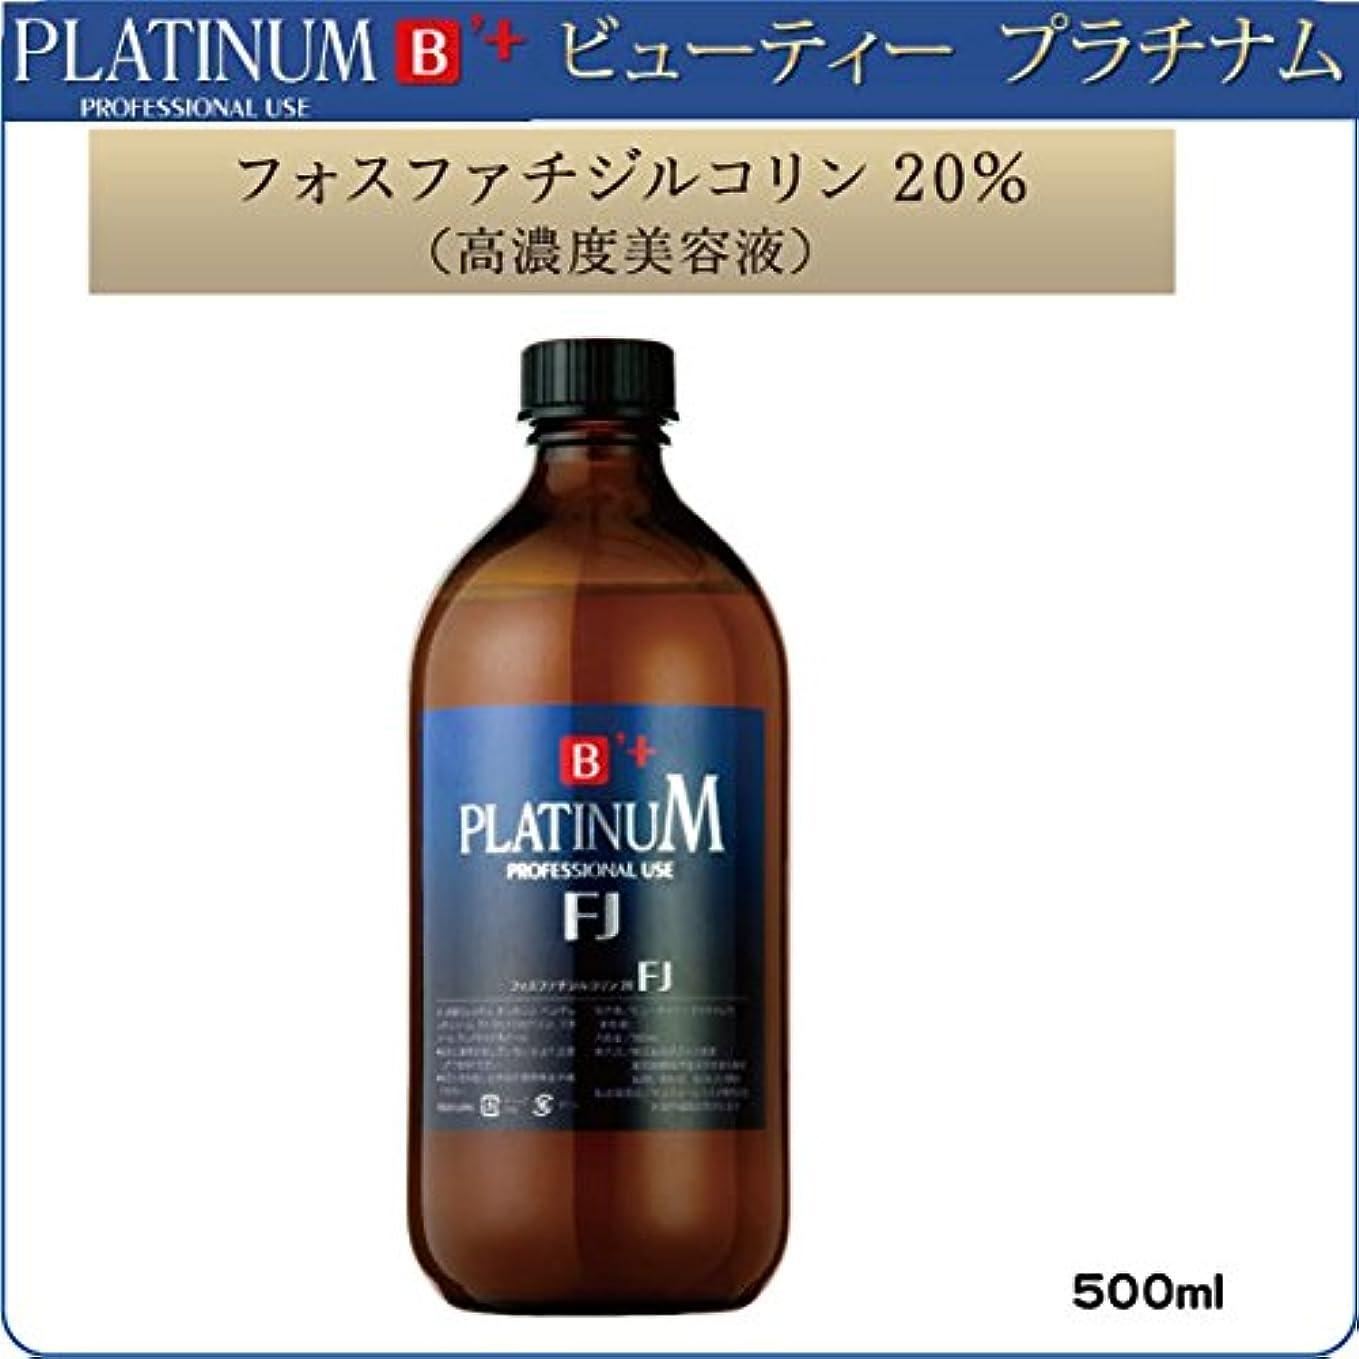 バイソン盆メンター【ビューティー プラチナム】 PLATINUM B'+  フォスファチジルコリン20%高濃度美容液  痩身専用:500ml